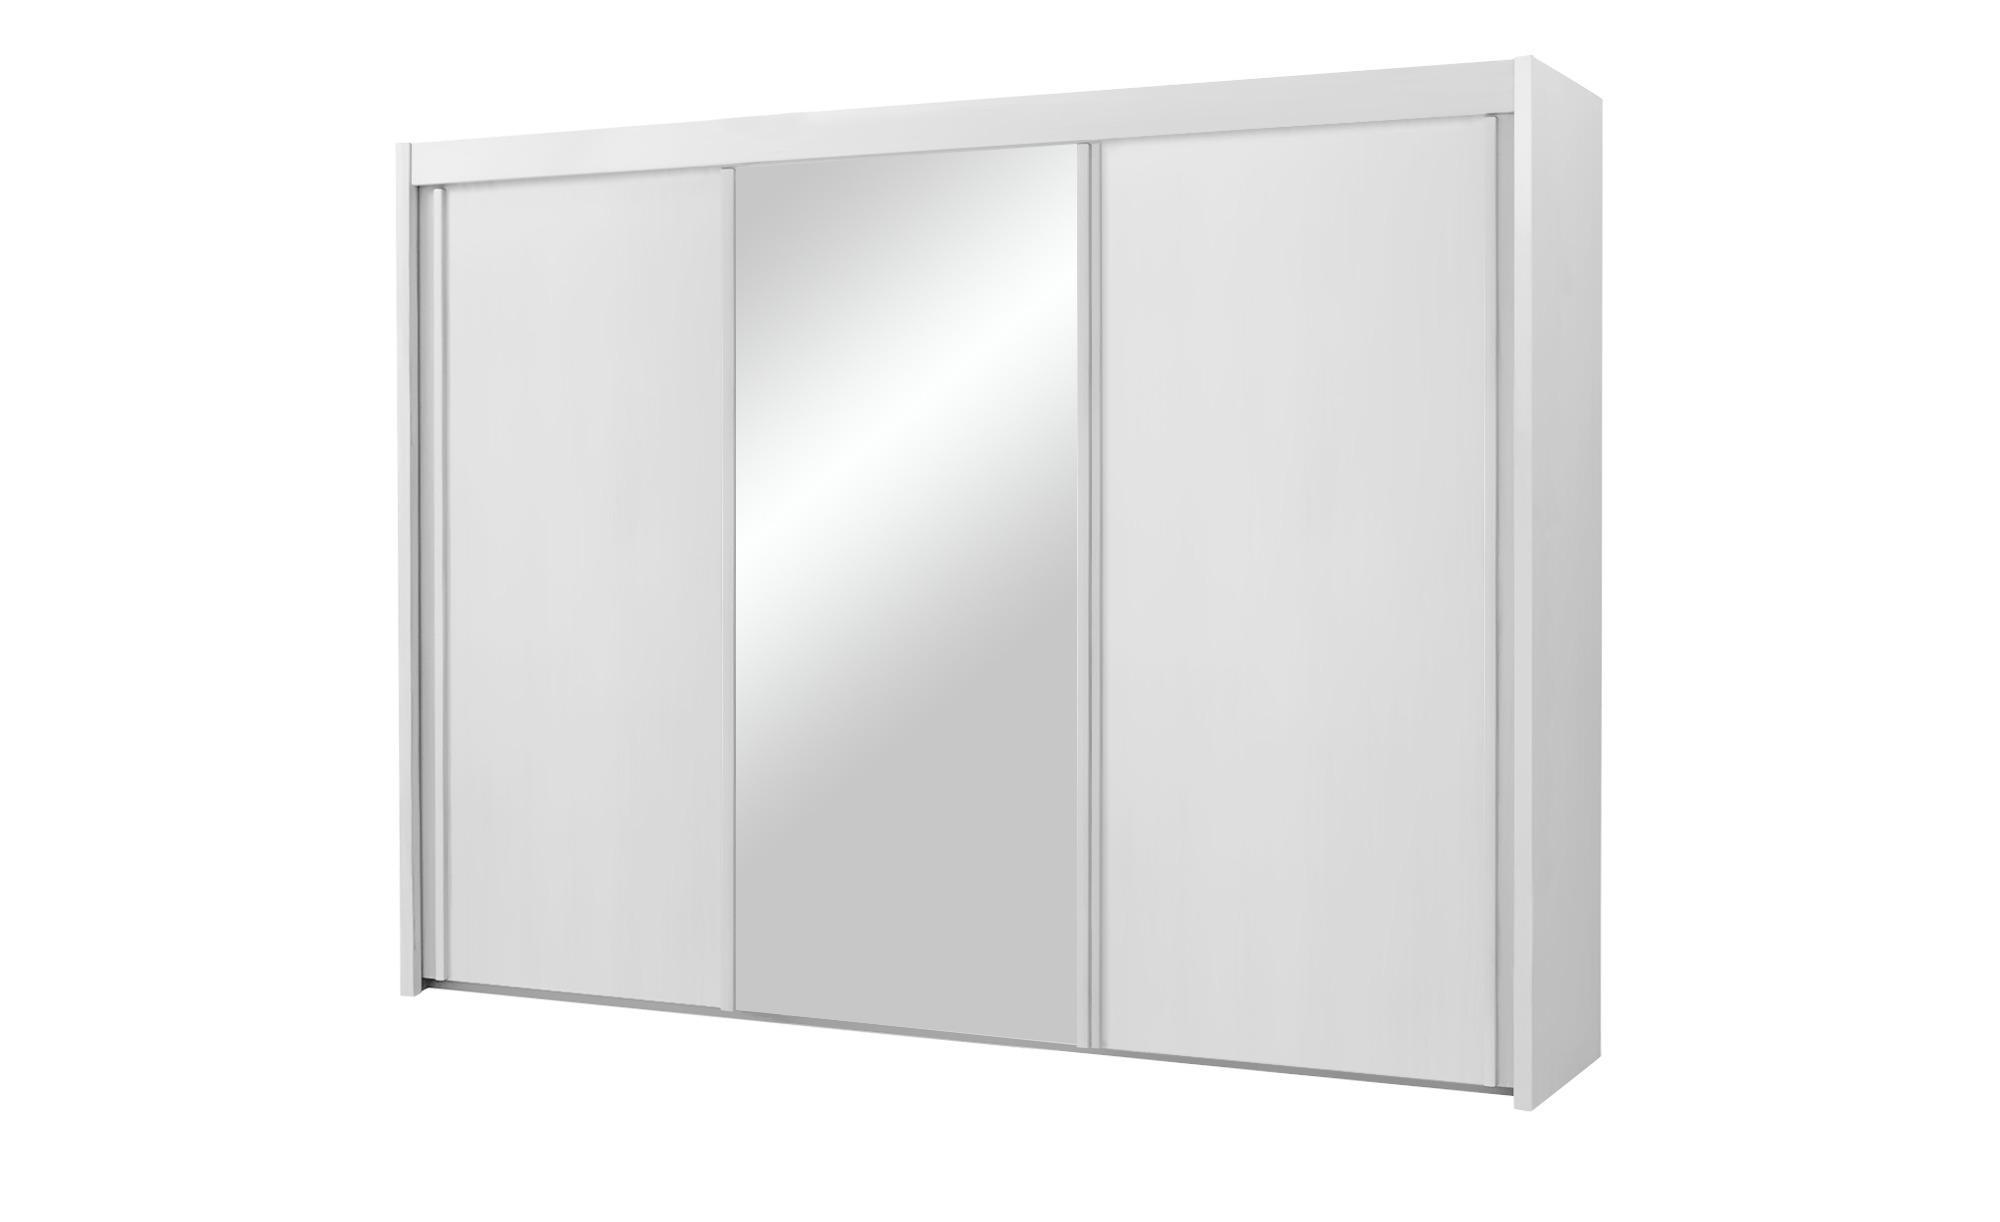 Schwebetürenschrank 3-türig Imperial - weiß - 250 cm - 223 cm - 65 cm - Sconto